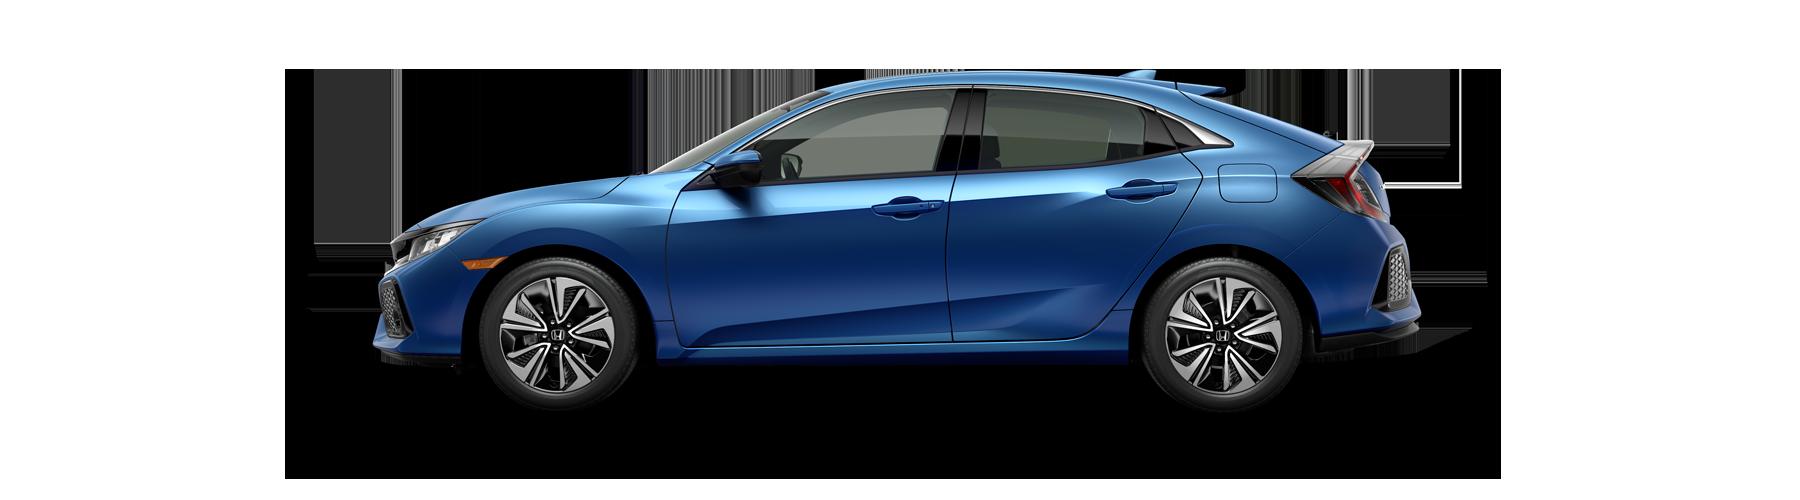 2017 Honda Civic Hatchback Side Profile